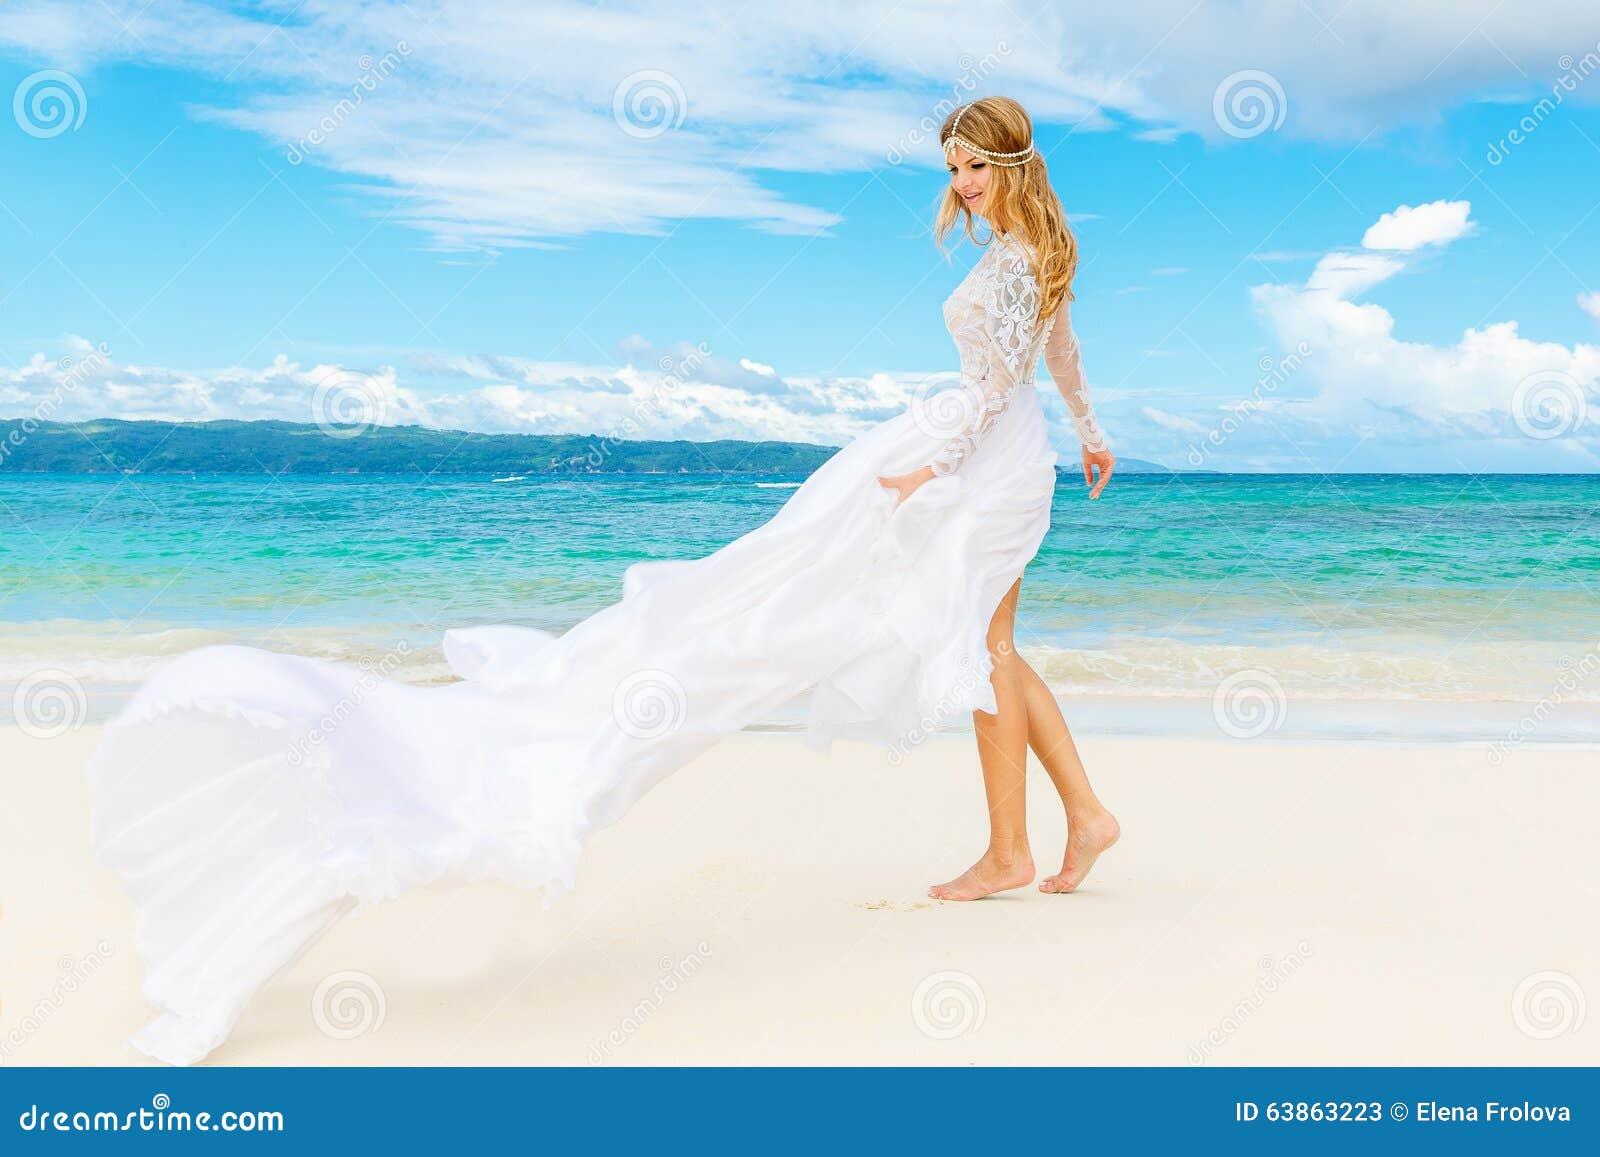 d45ab2d9ef74 Bella sposa bionda in vestito da sposa bianco con il grande treno lungo  divertendosi sul mare della riva Mare tropicale nei precedenti Concetto di  vacanze ...